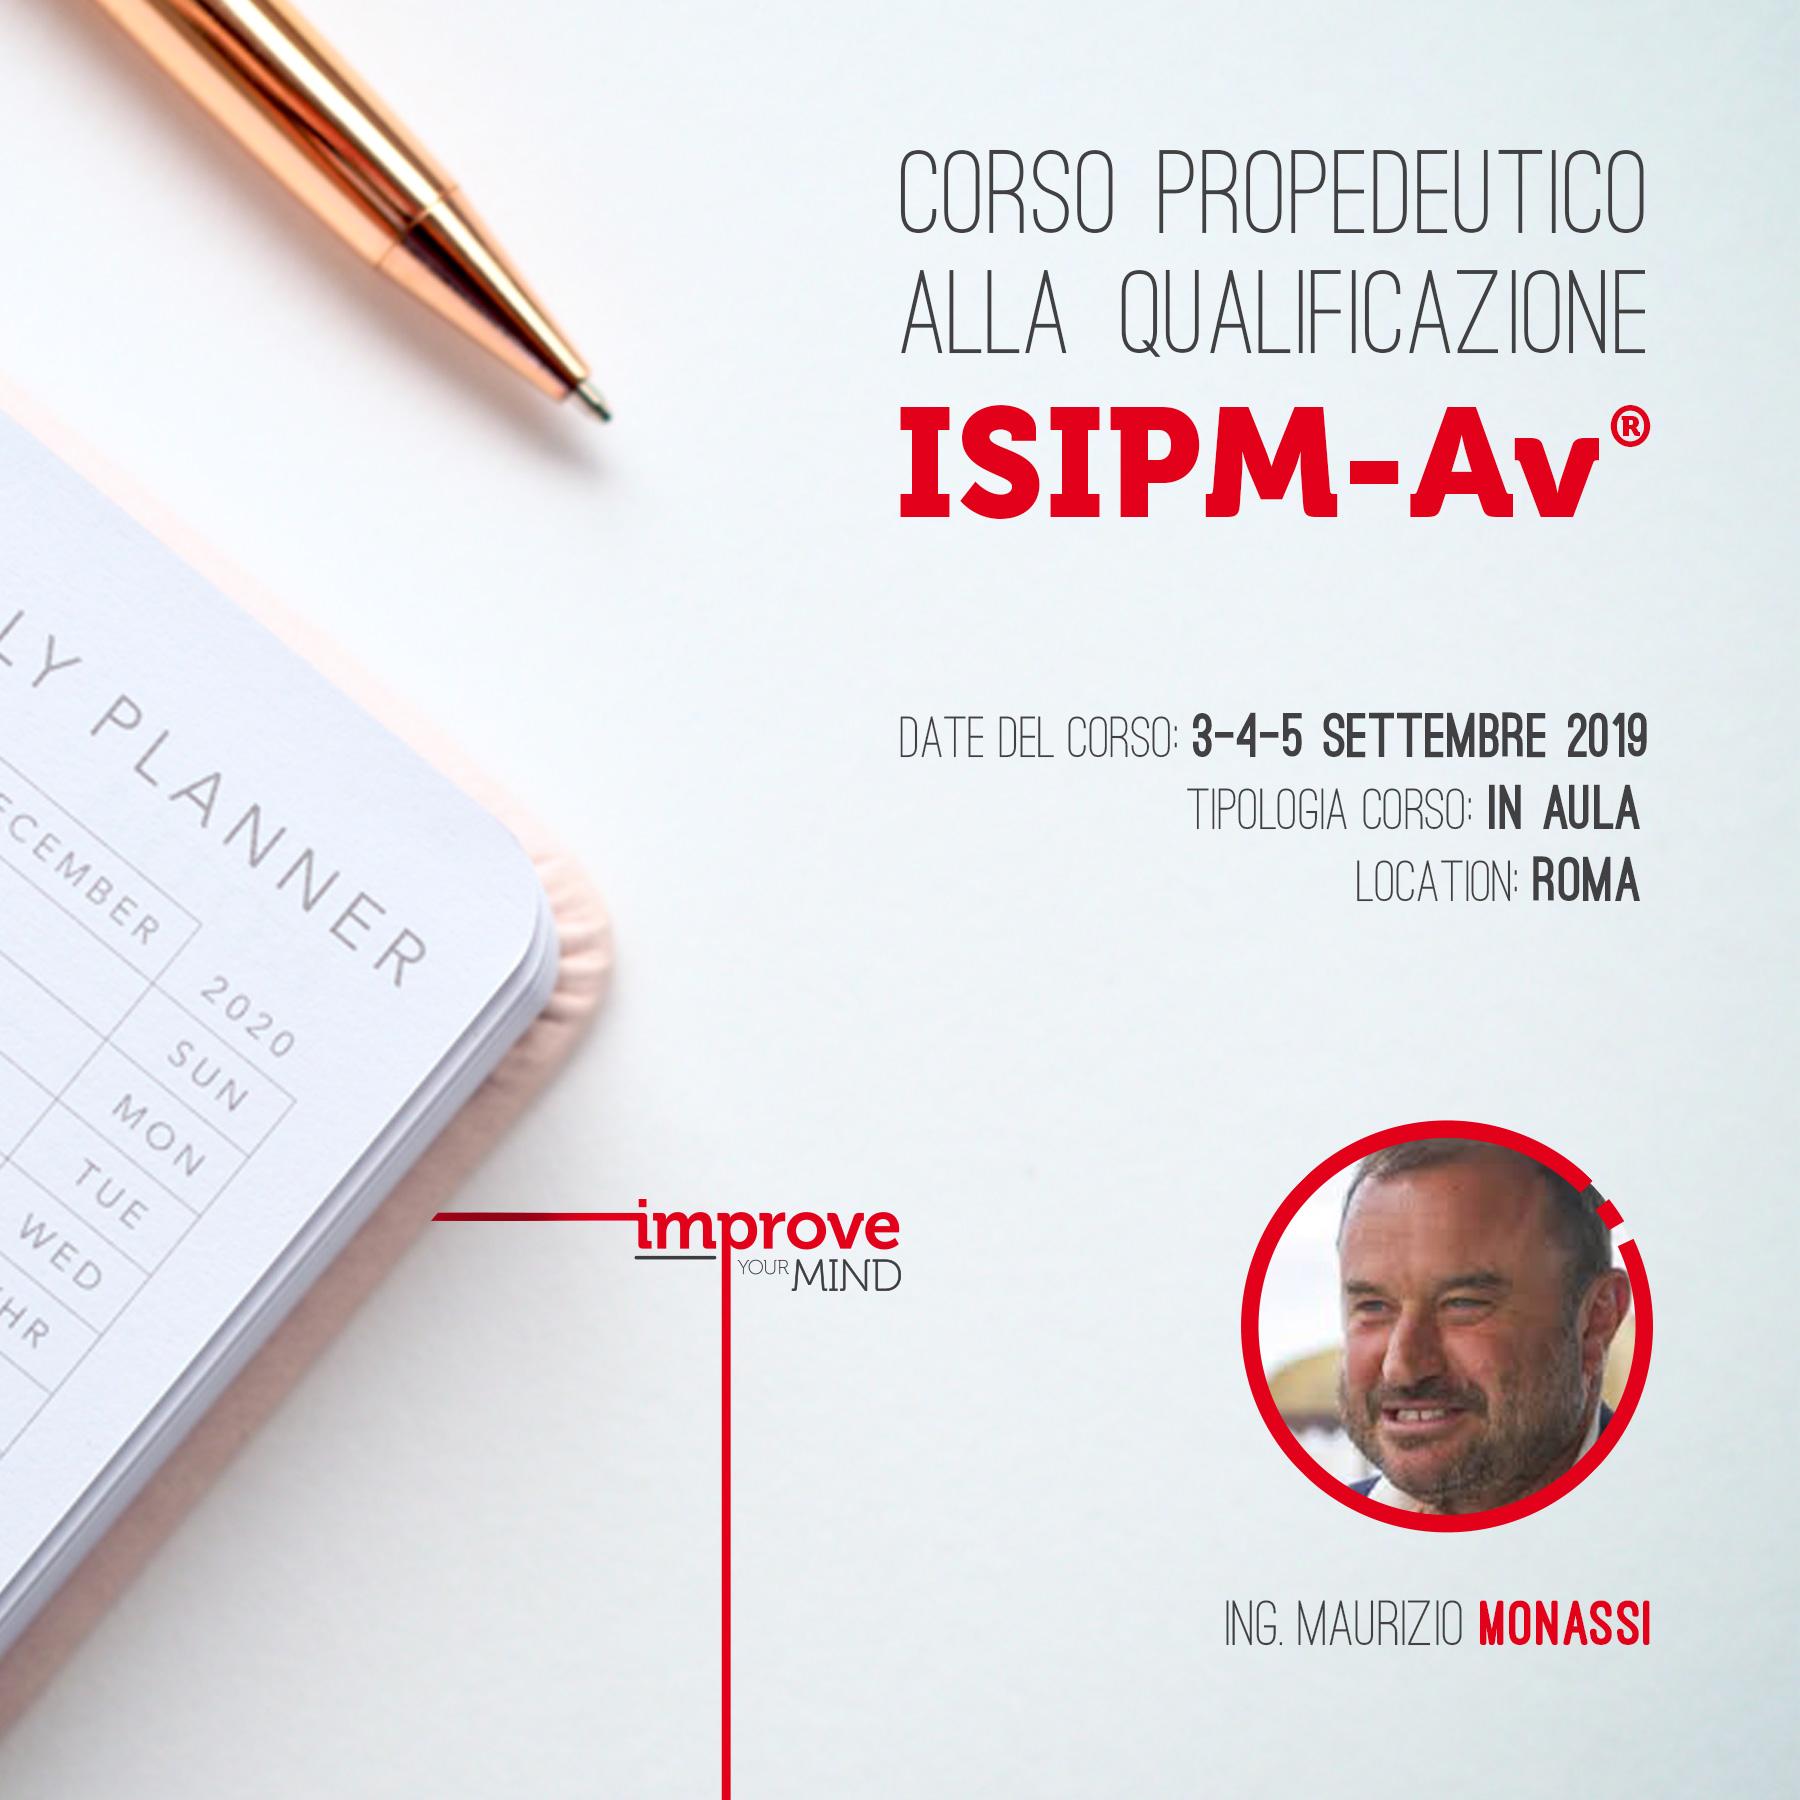 Corso propedeutico alla qualificazione ISIPM-Av® 2019